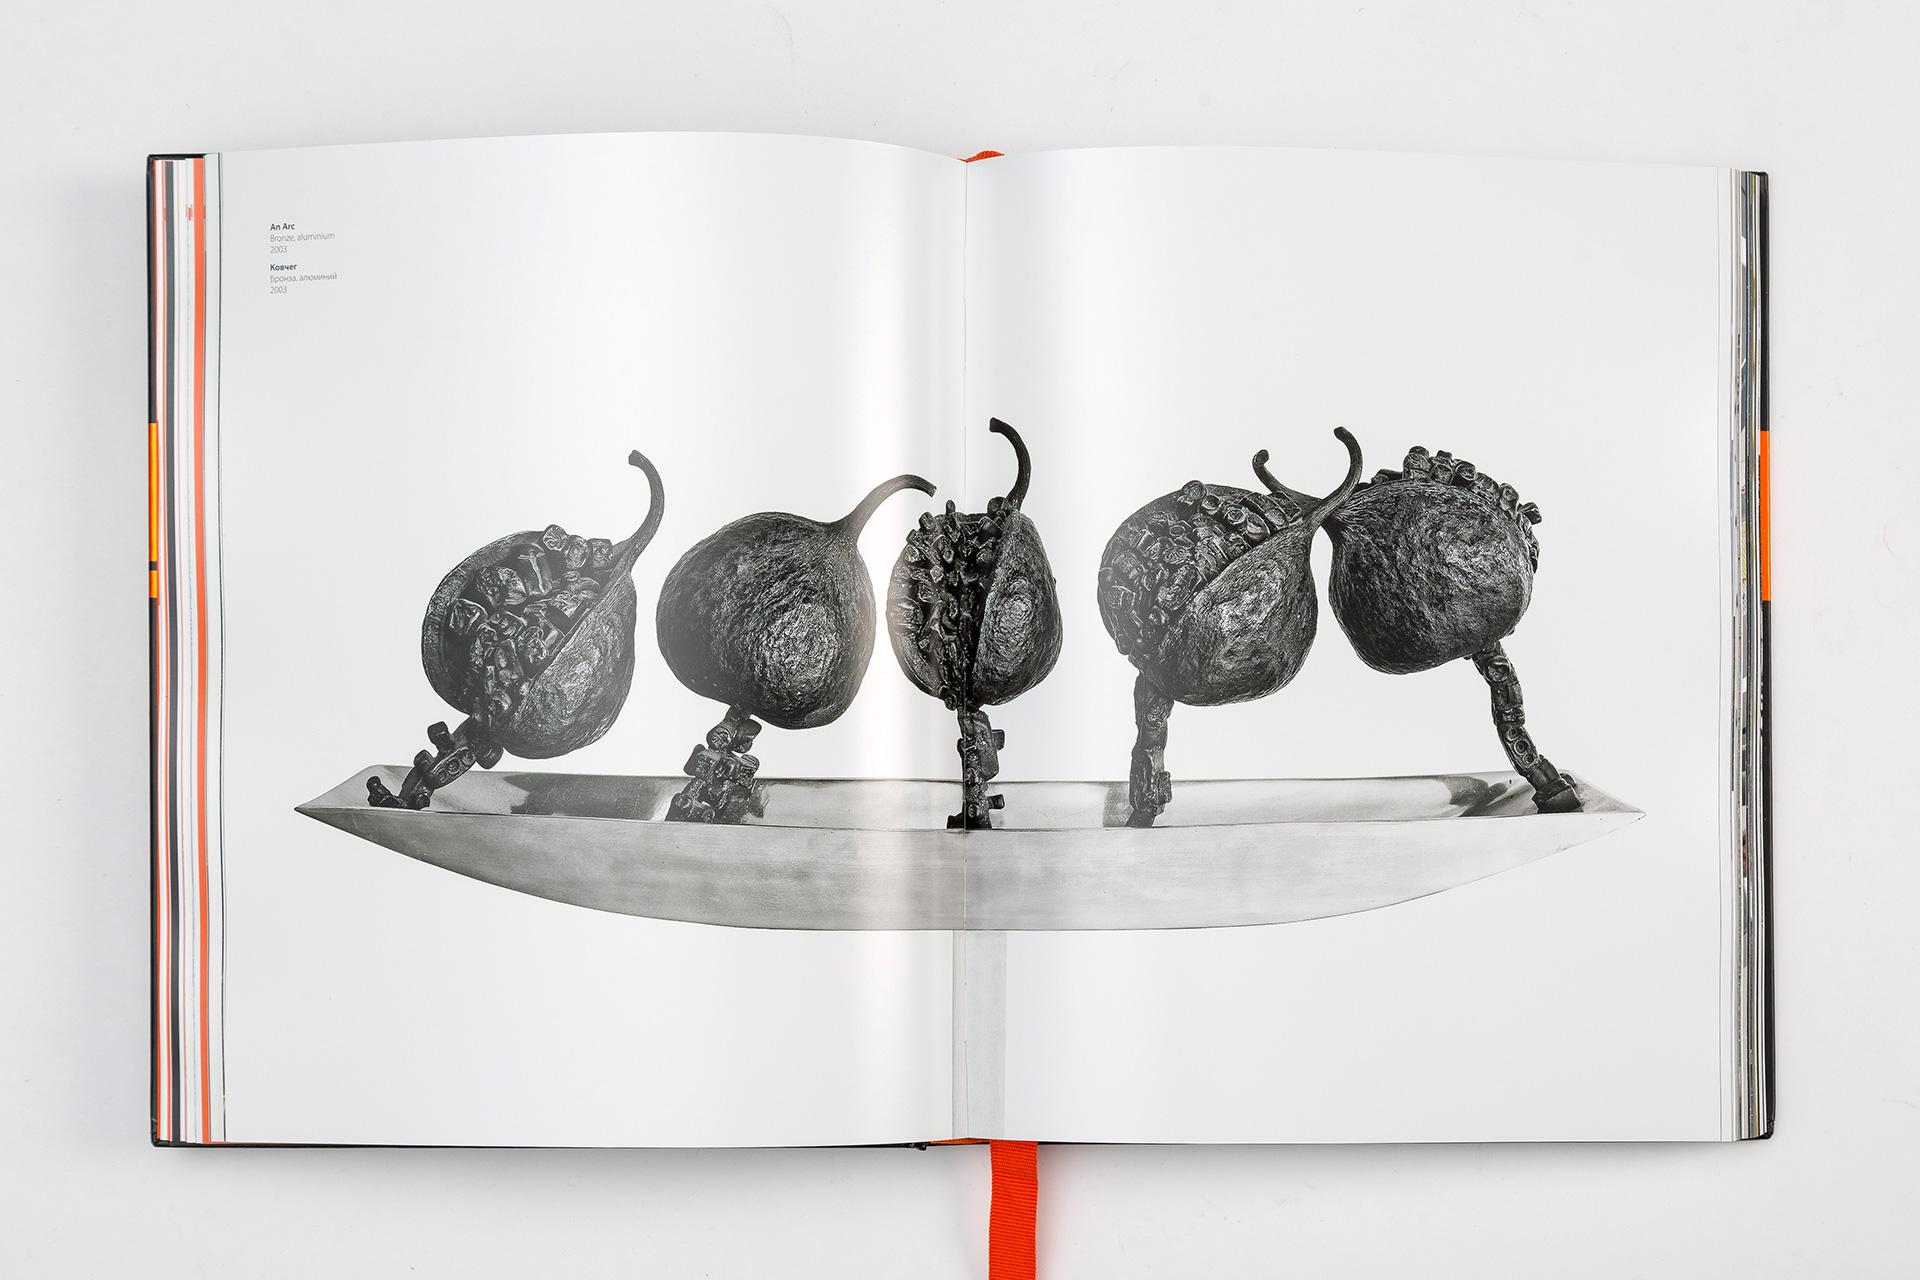 Asgard Branding, юбилейный альбом, дизайн разворота альбома, печатные издания, дизайн книги, Михаил Рева